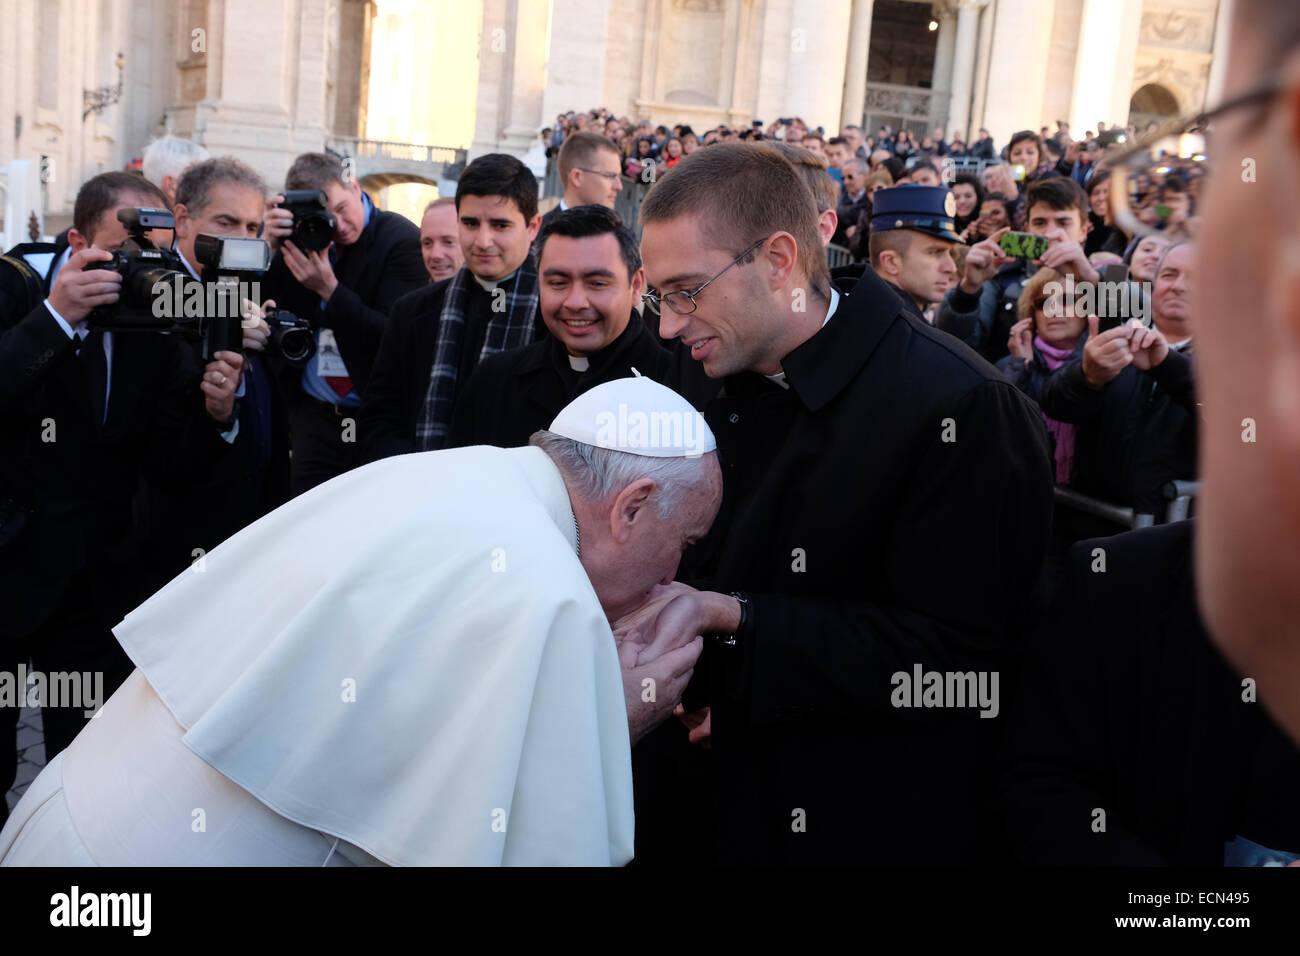 Vidéo : Le Pape François ne laisse personne embrasser sa bague ! Surprenant ! La-place-saint-pierre-vatican-25th-dec-2014-pape-francis-baiser-la-paume-des-mains-a-nouveau-coordonne-pretres-legionnaires-du-christ-le-pape-francois-anniversaire-place-saint-pierre-audience-generale-credit-realy-easy-staralamy-live-news-ecn495